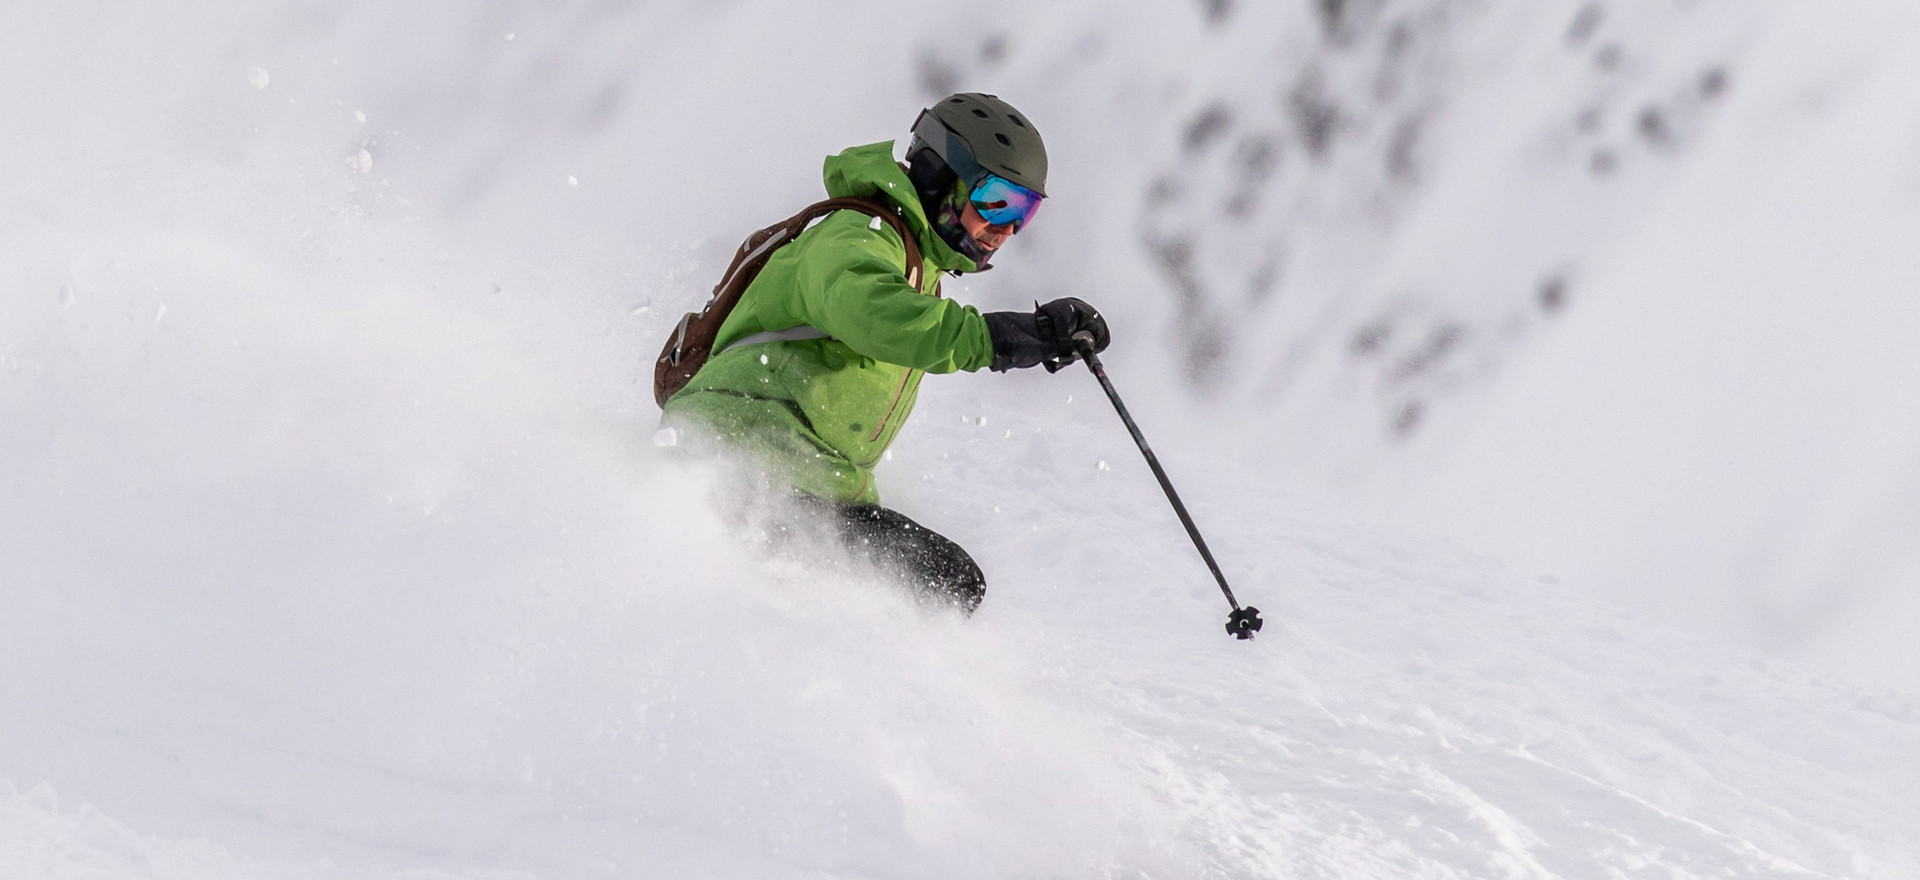 Ski-Ride-Tours-Alyeska-Powder-Roy.jpg